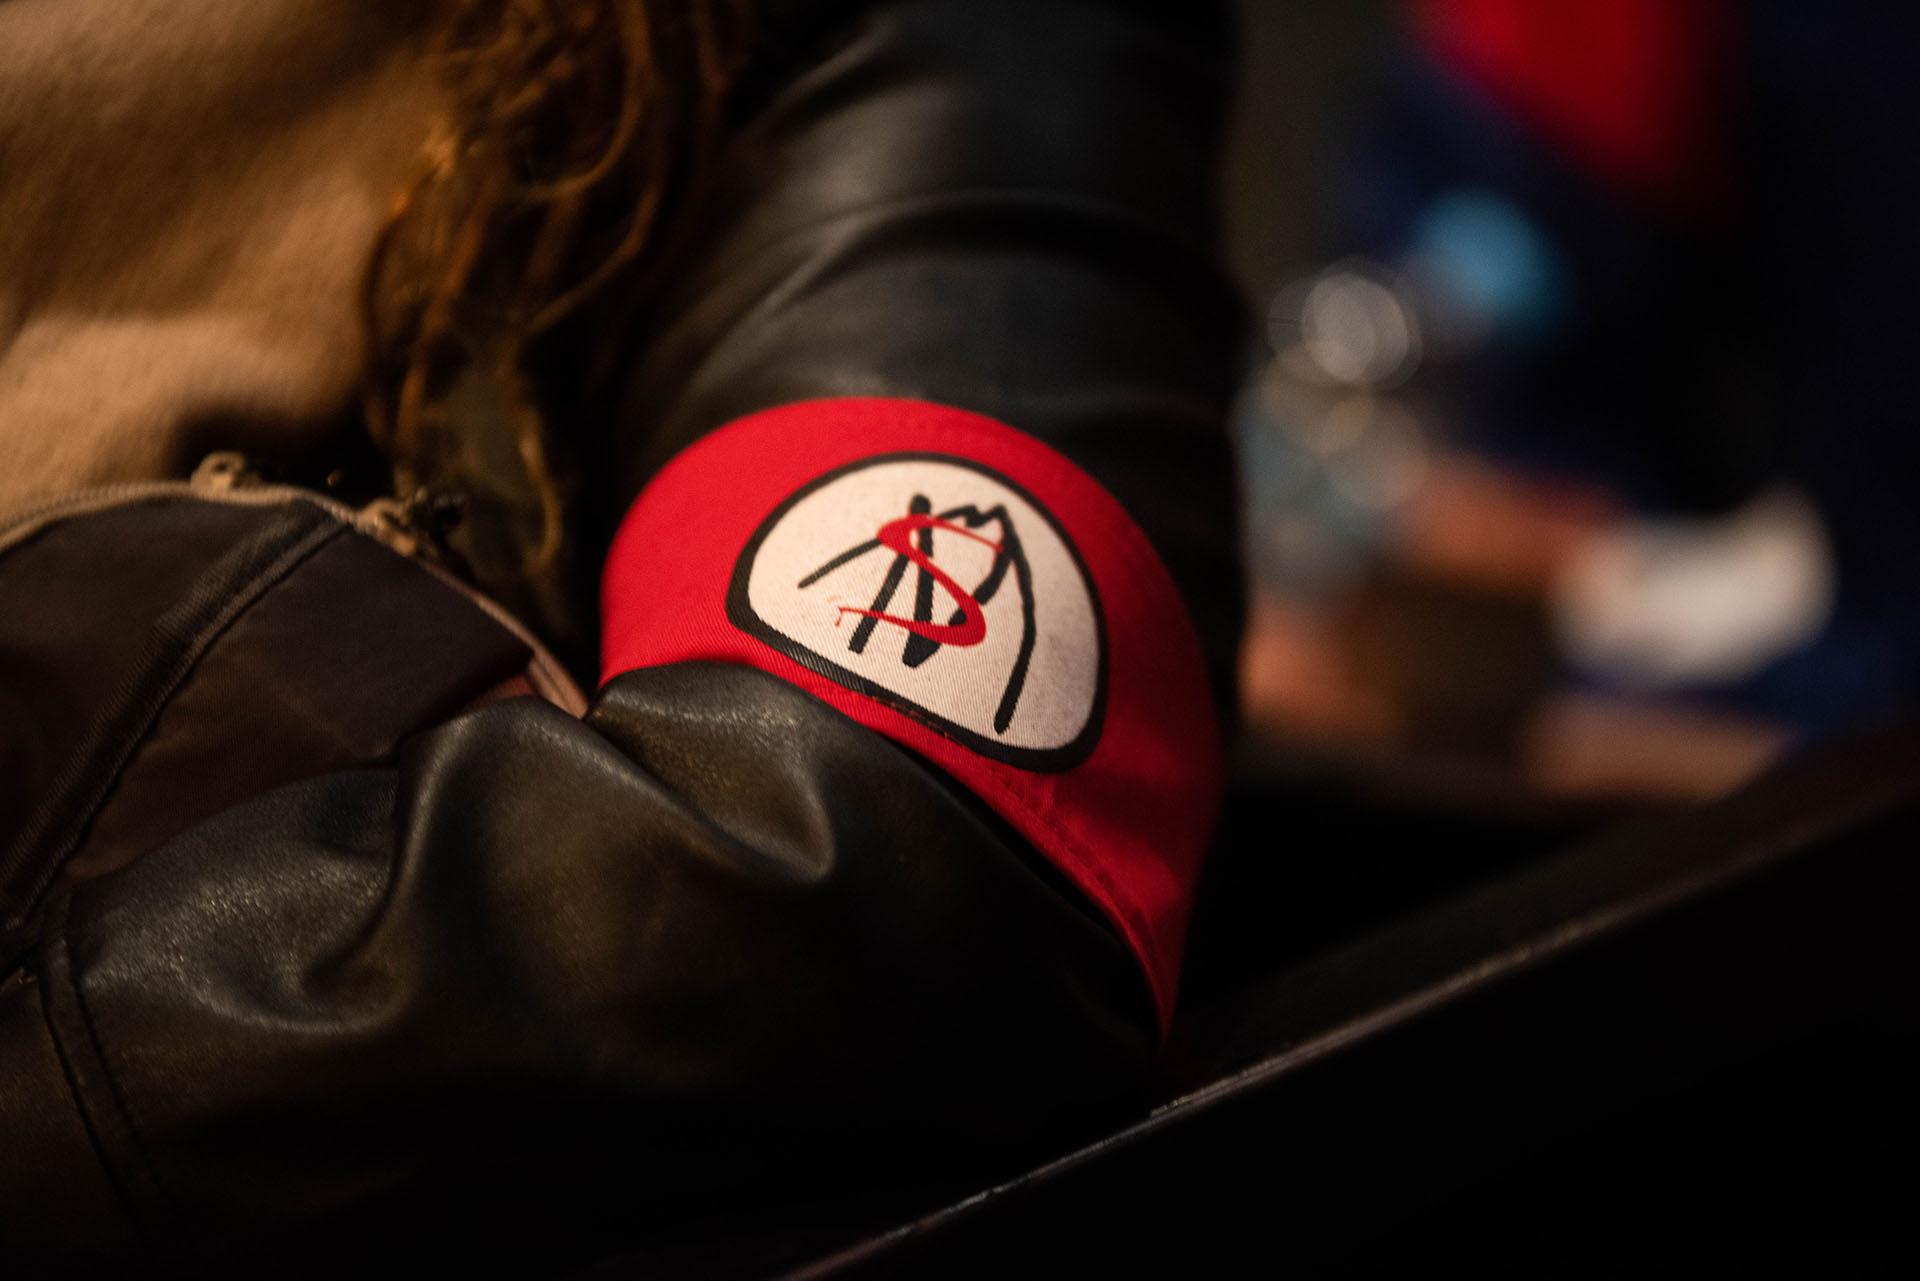 El brazalete de Say No More, marca registrada de los fans de García